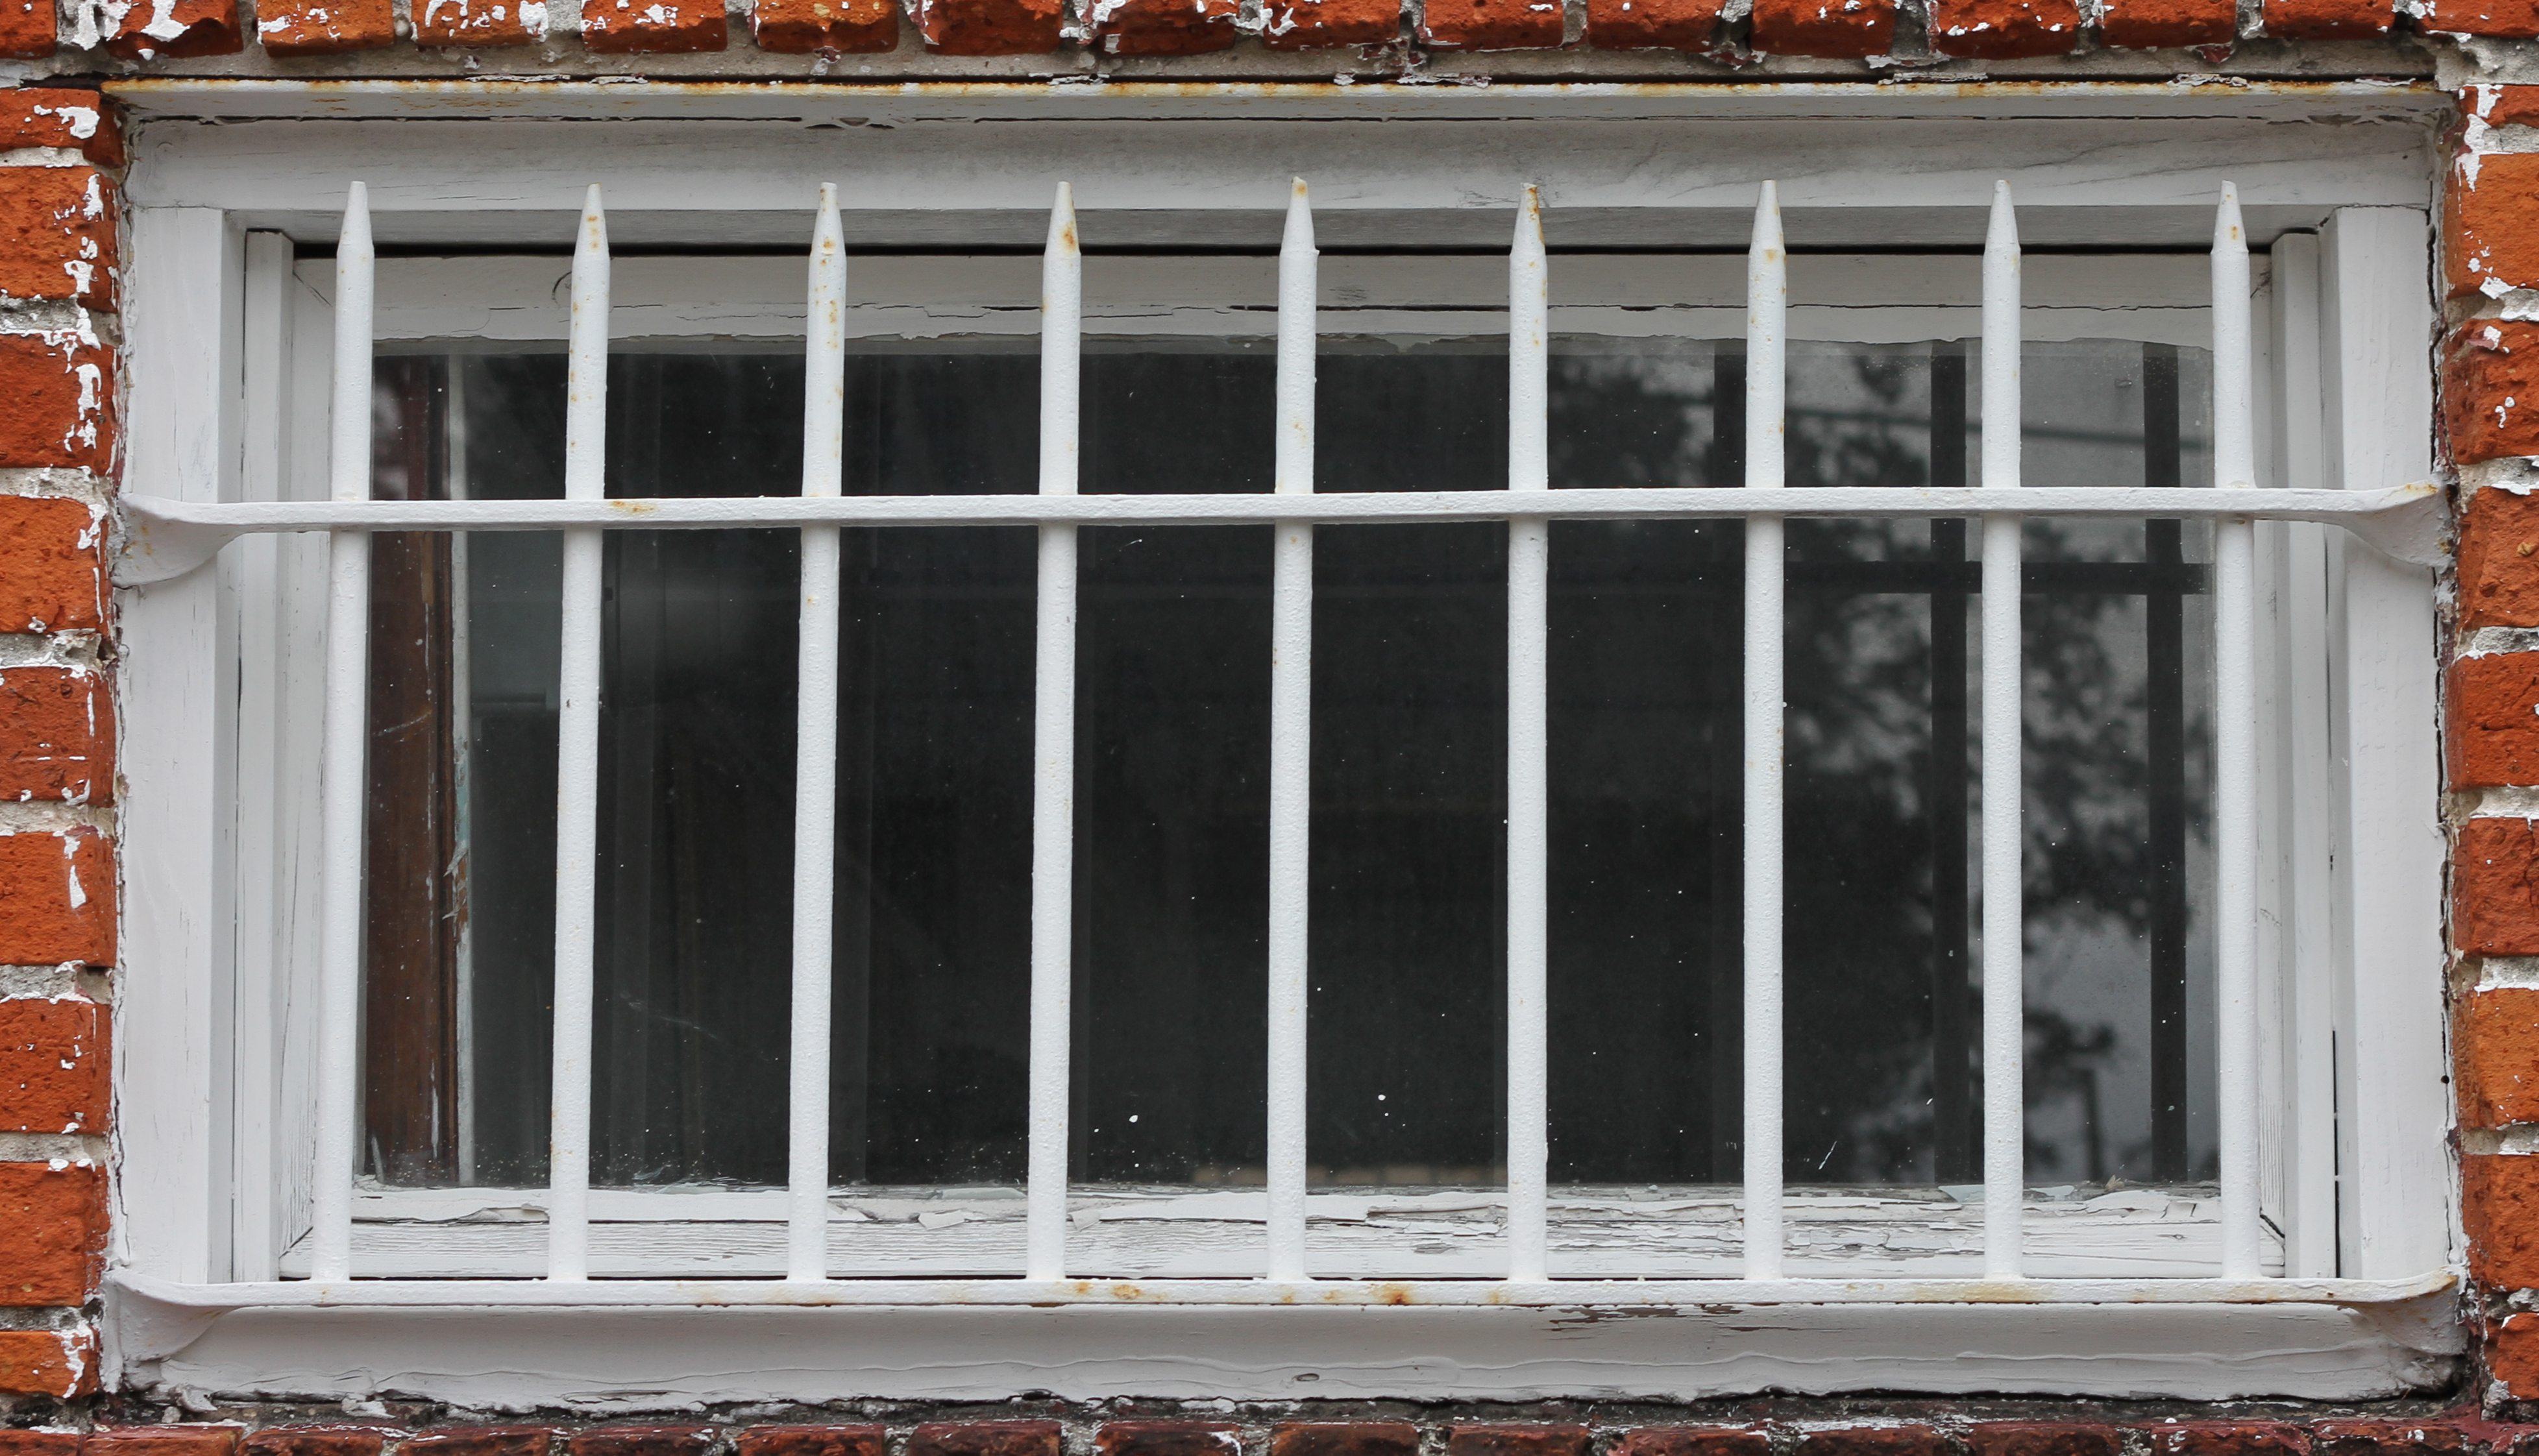 Barred Window Texture - 14Textures